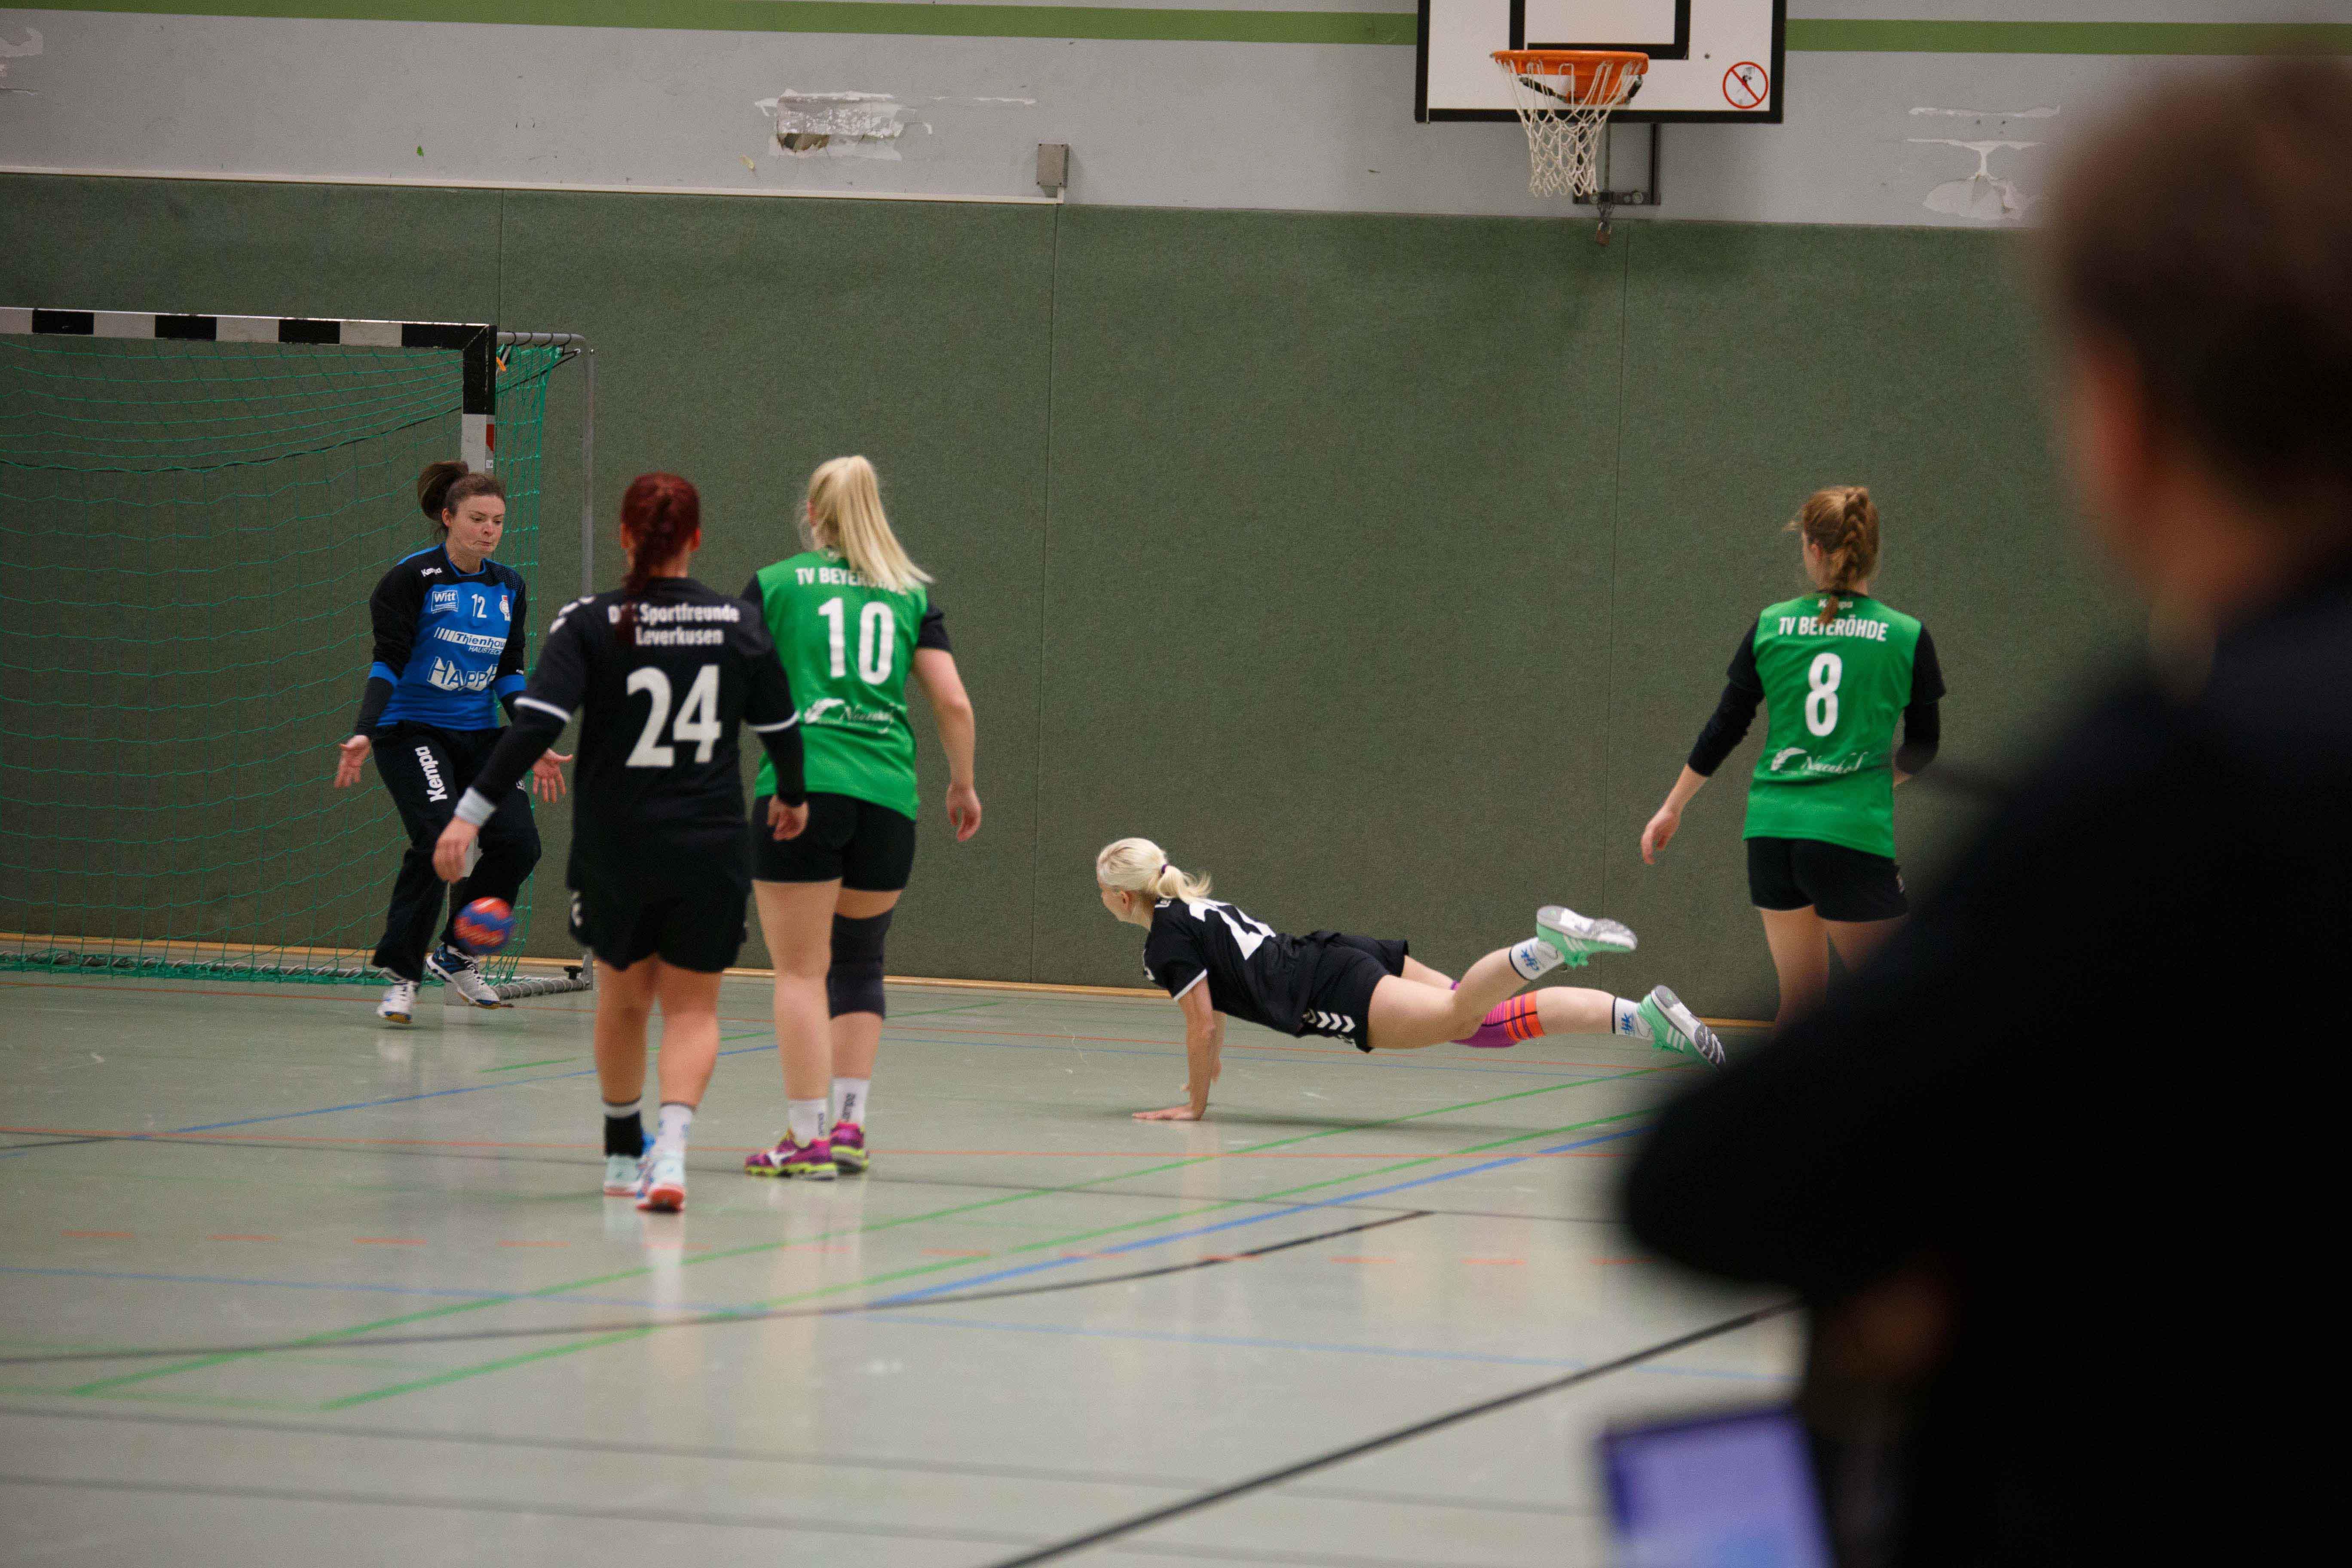 Handball0781